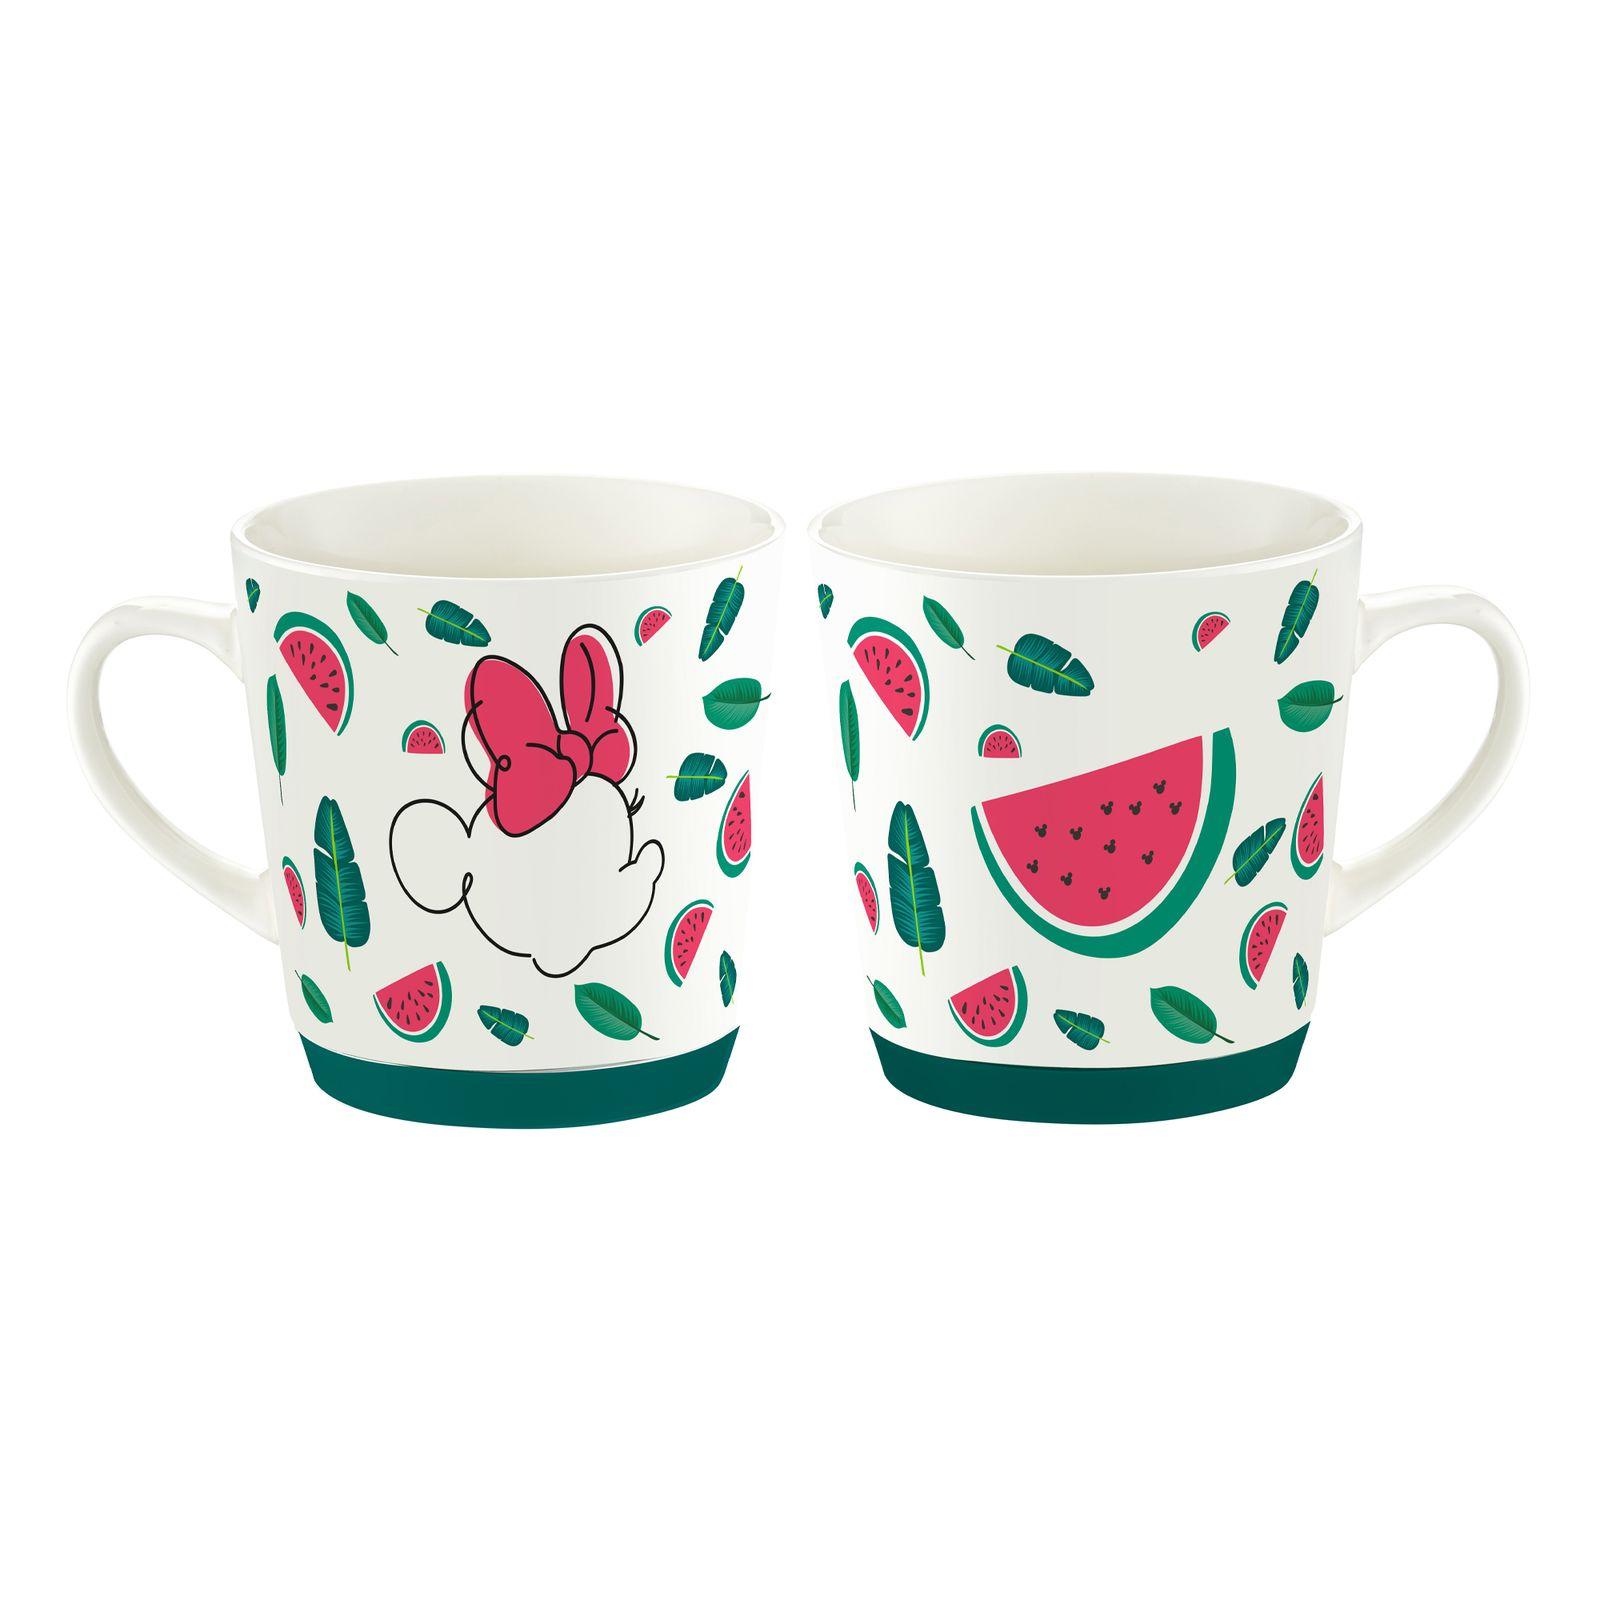 Tasse en porcelaine Minnie Tropical 32 cl Pastèque DISNEY / AMBITION